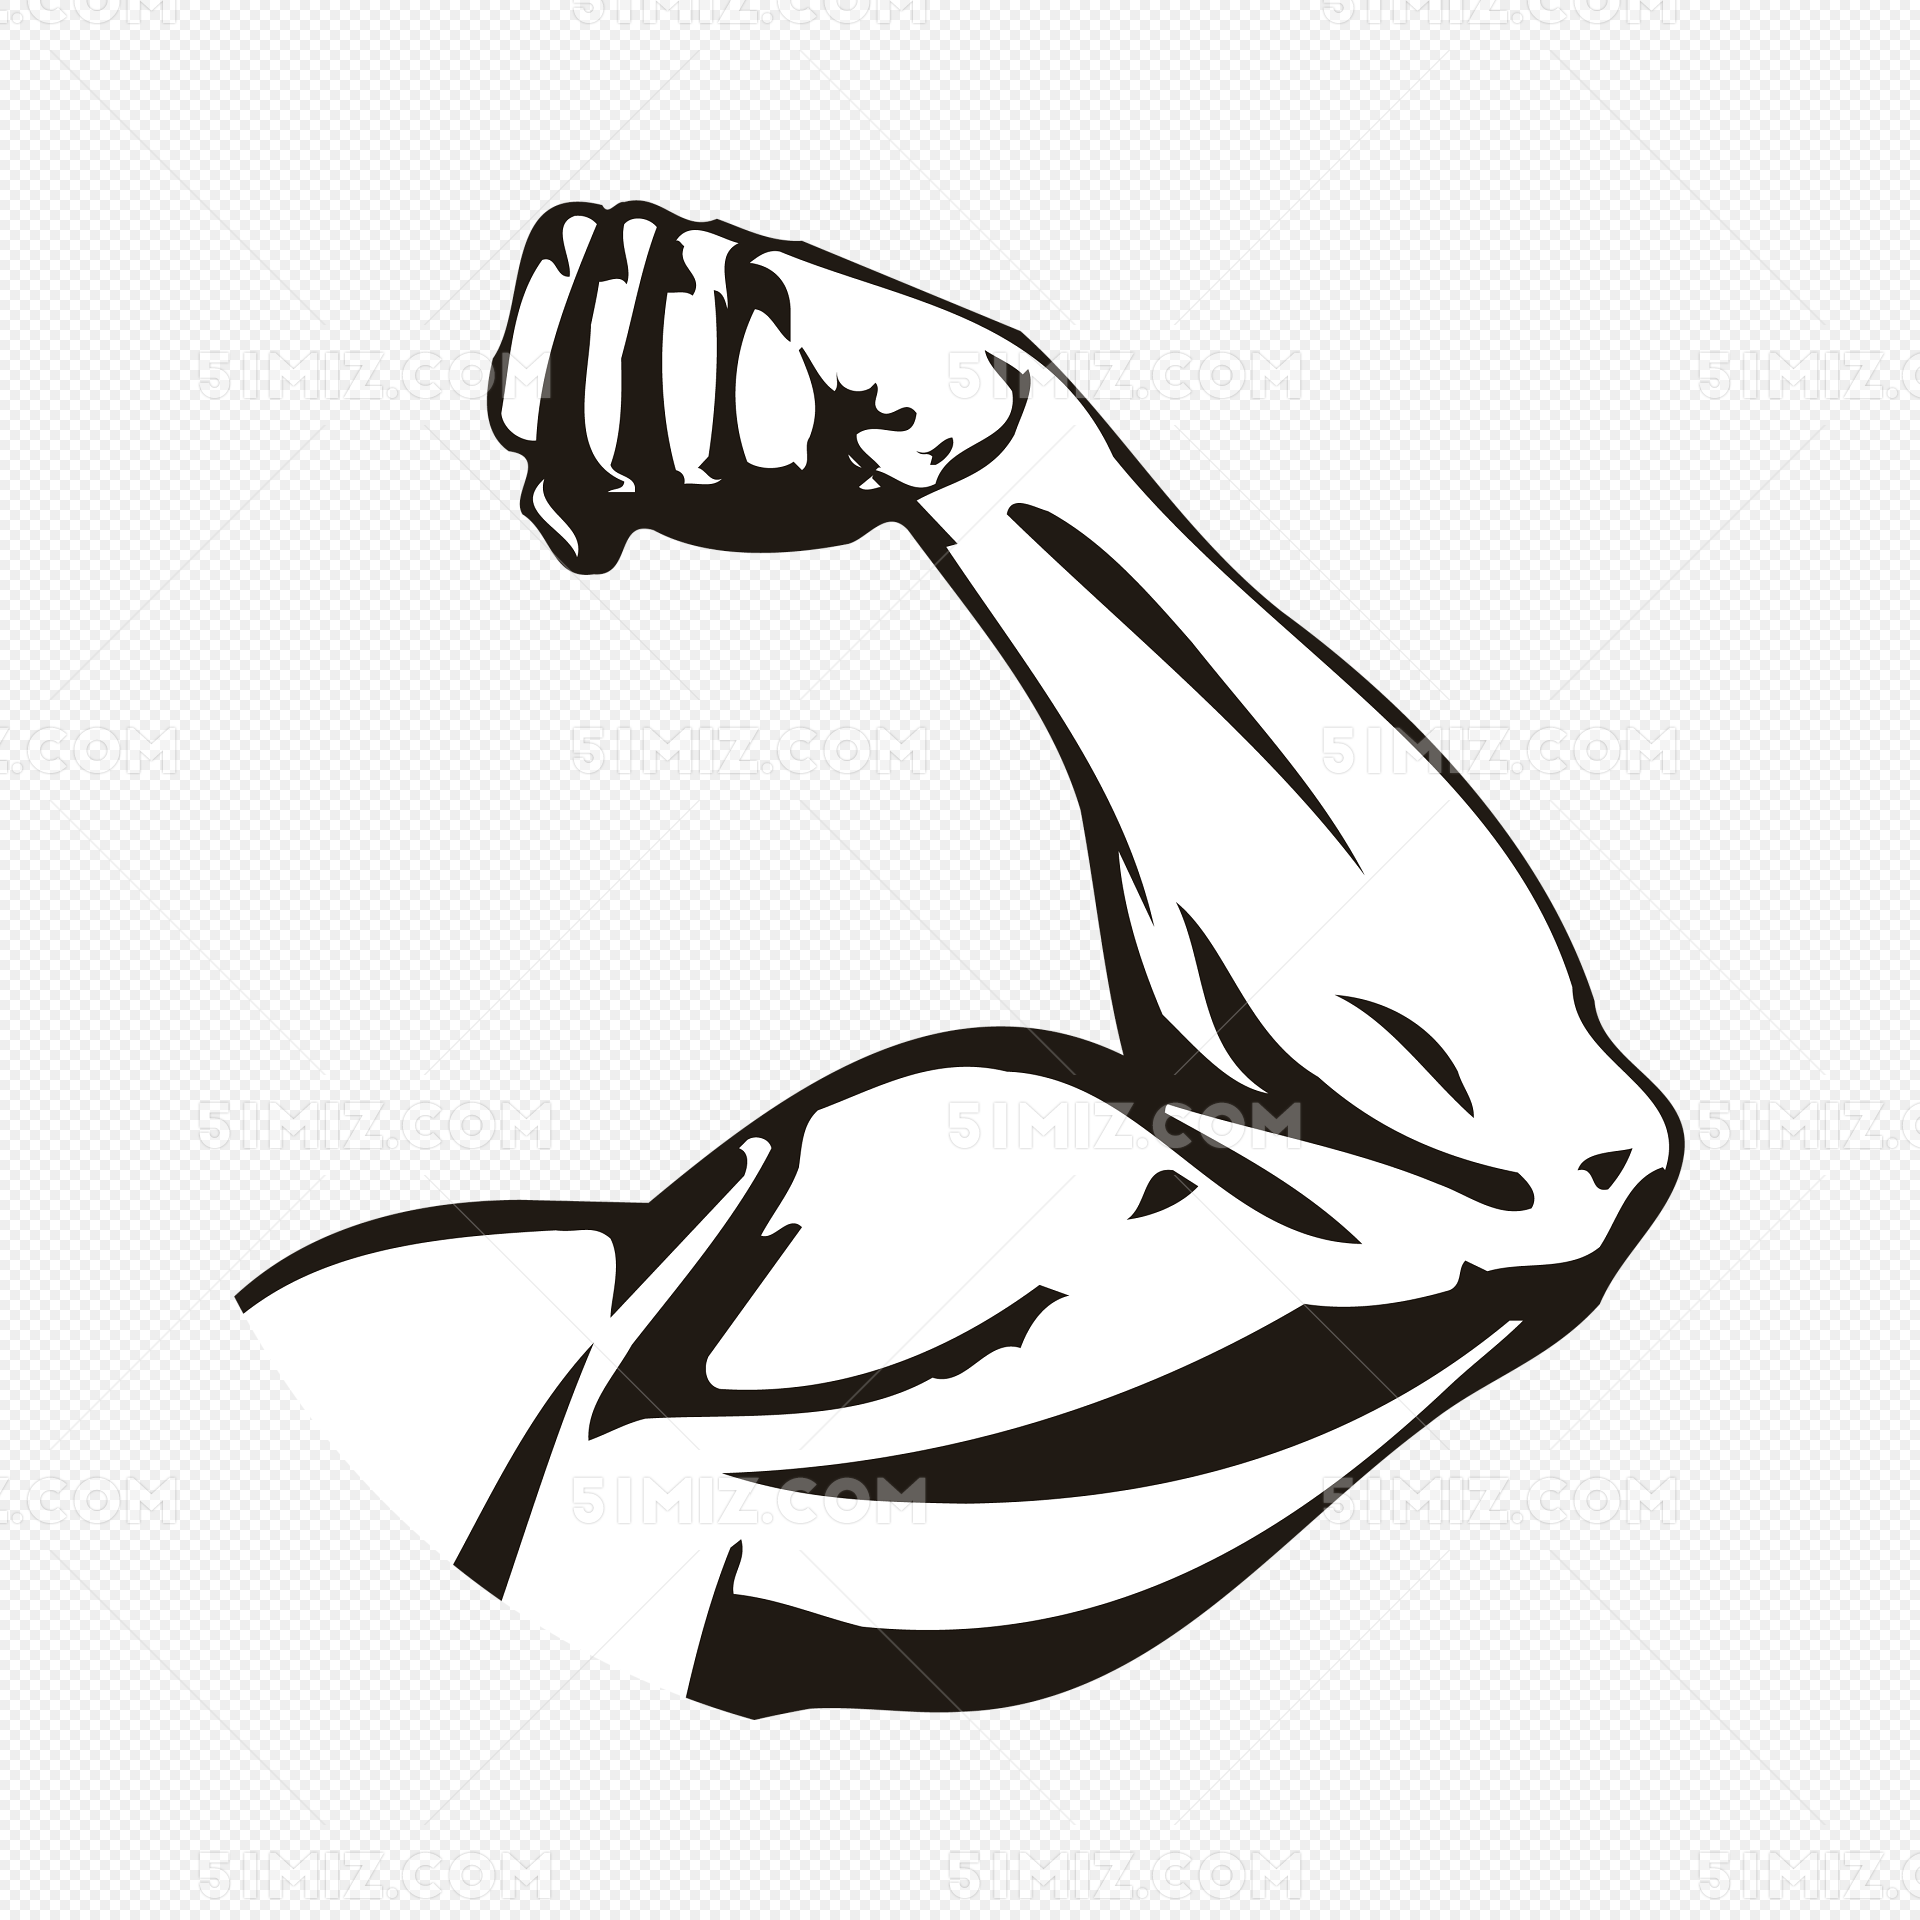 强壮的手臂免费下载_png素材_觅知网